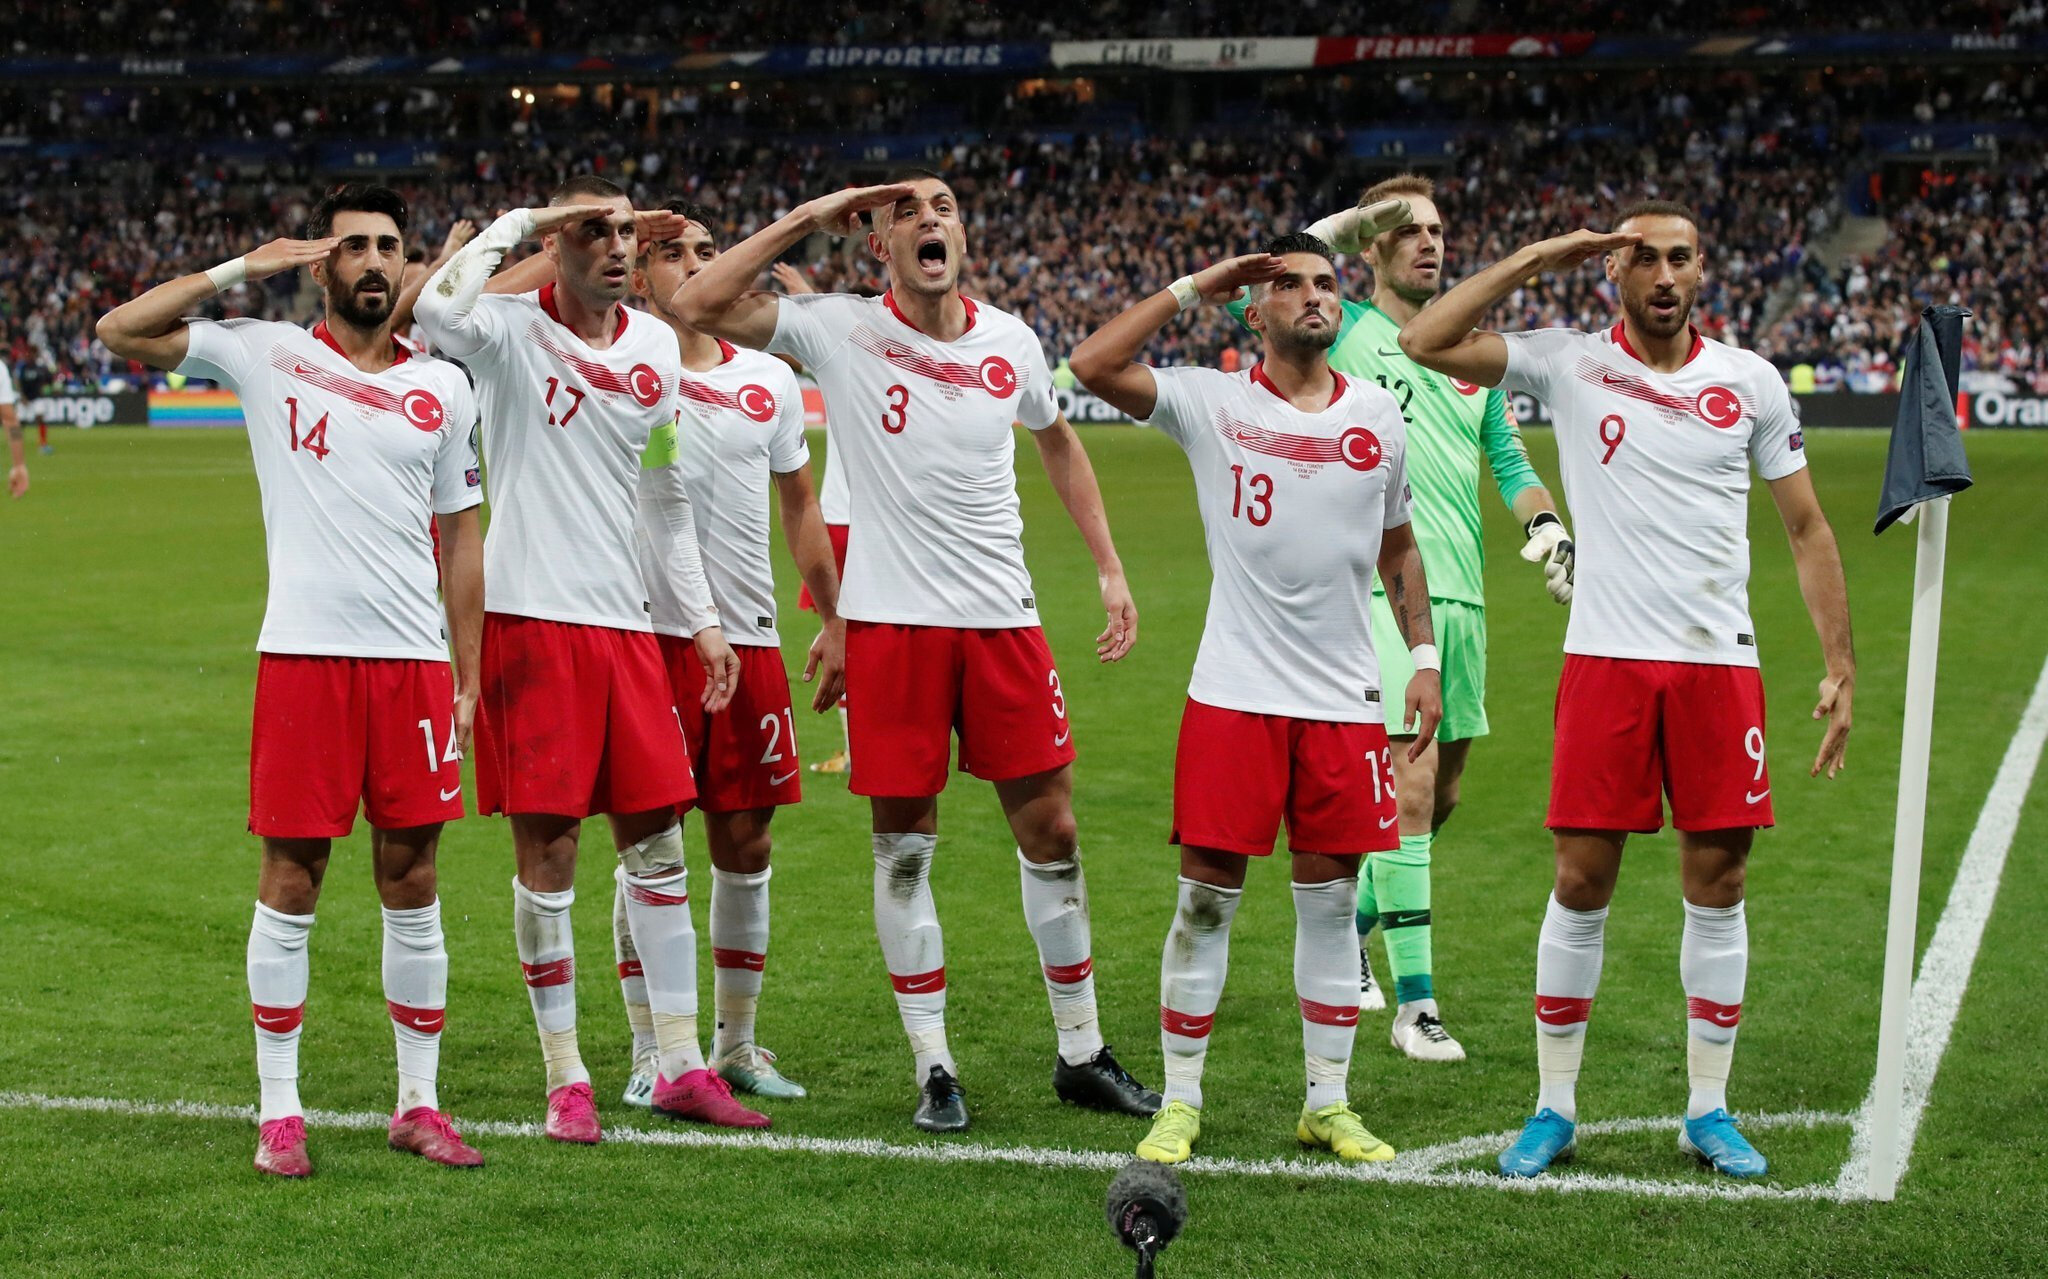 Millilerin asker selamı, Fransa rejisi tarafından ekrana getirilmemişti.